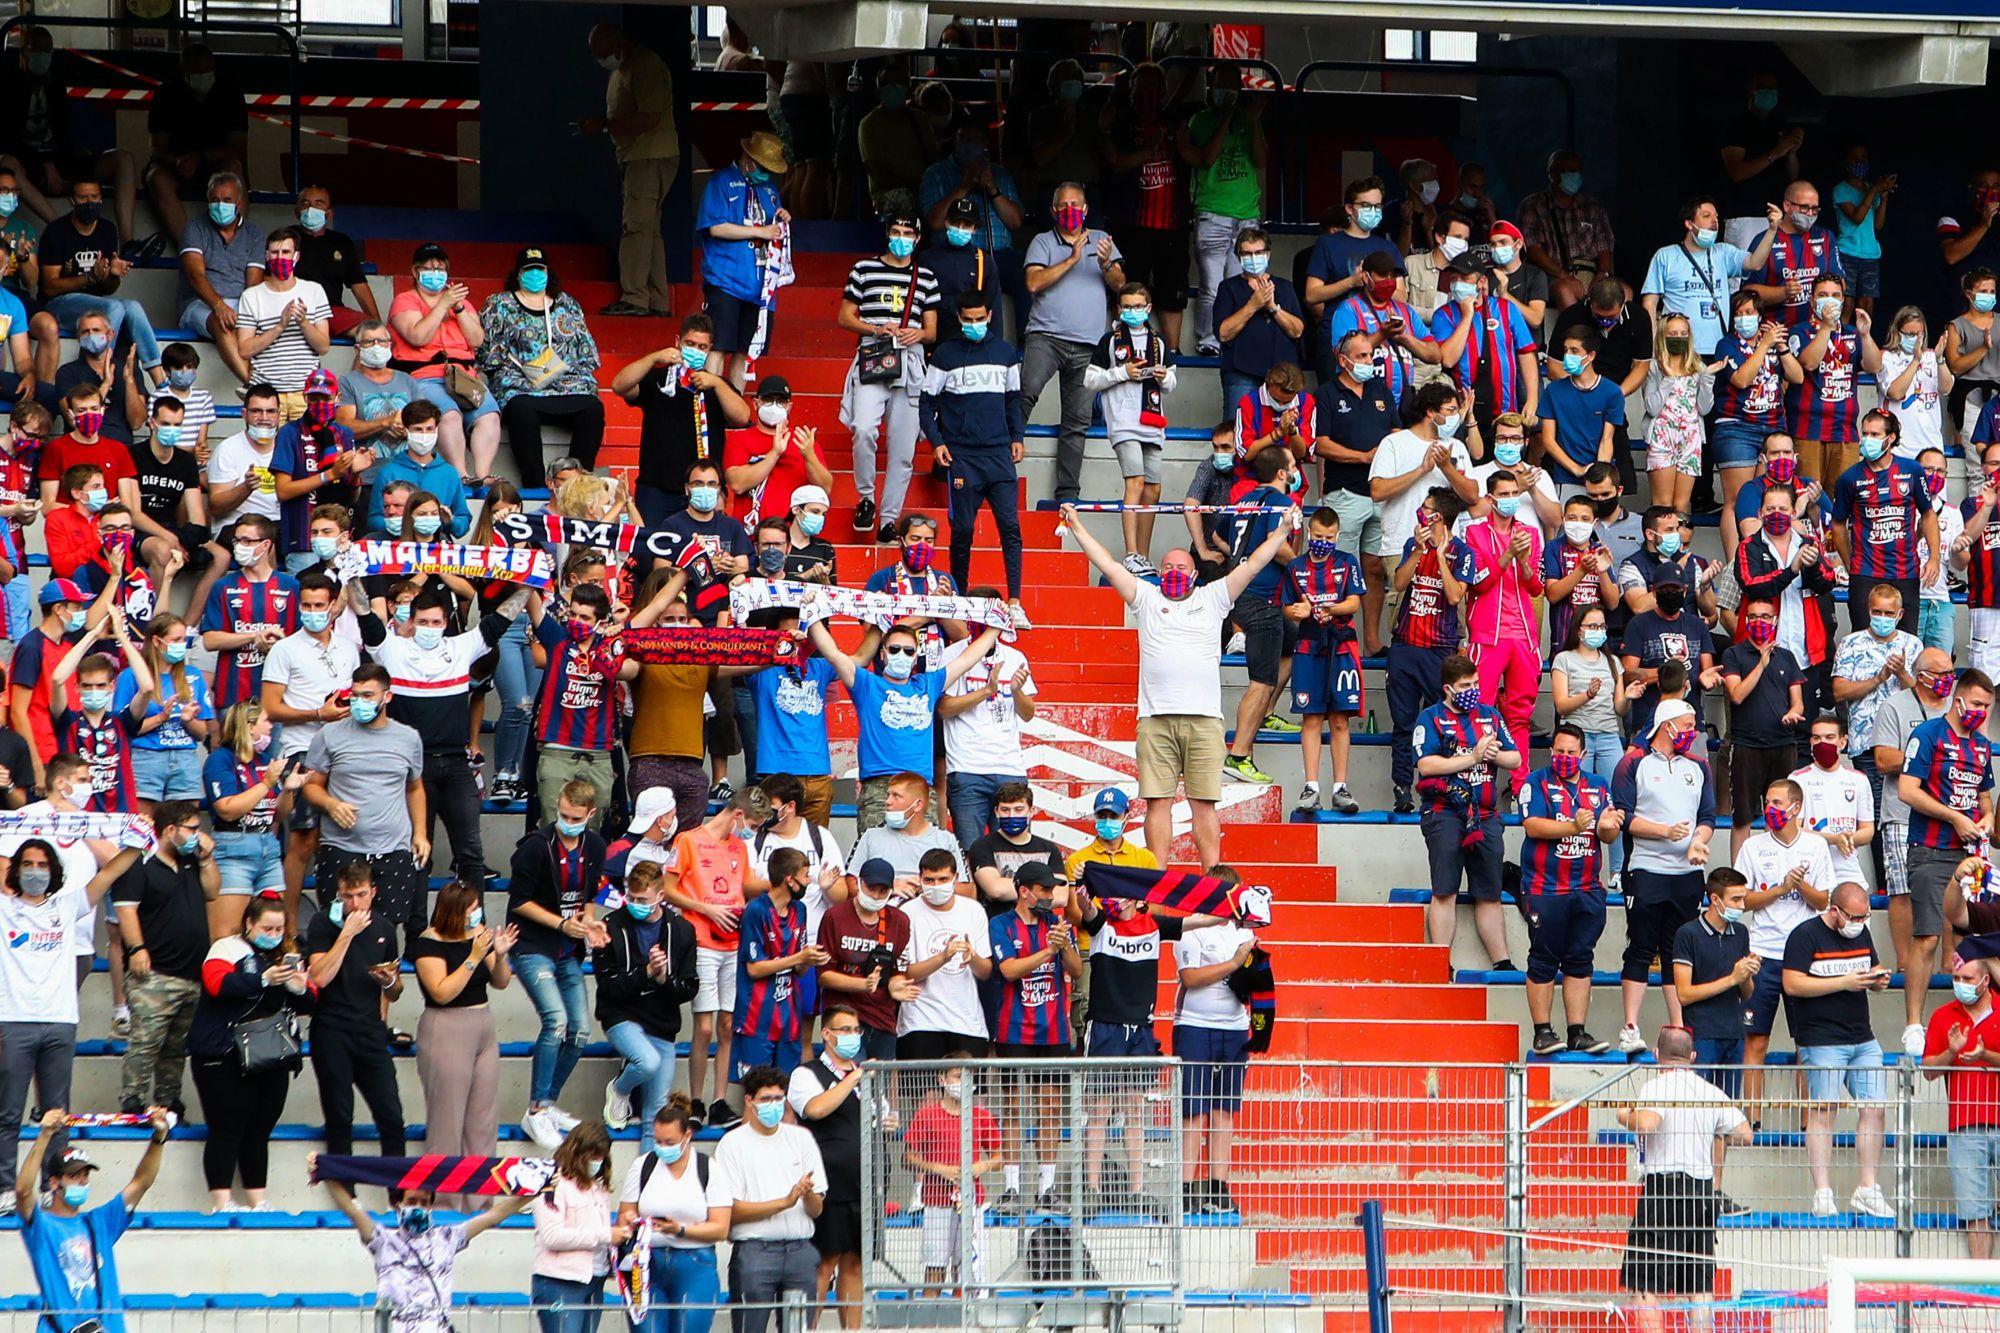 Roxana Maracineanu évoque la possibilité d'une réouverture partielle des stades